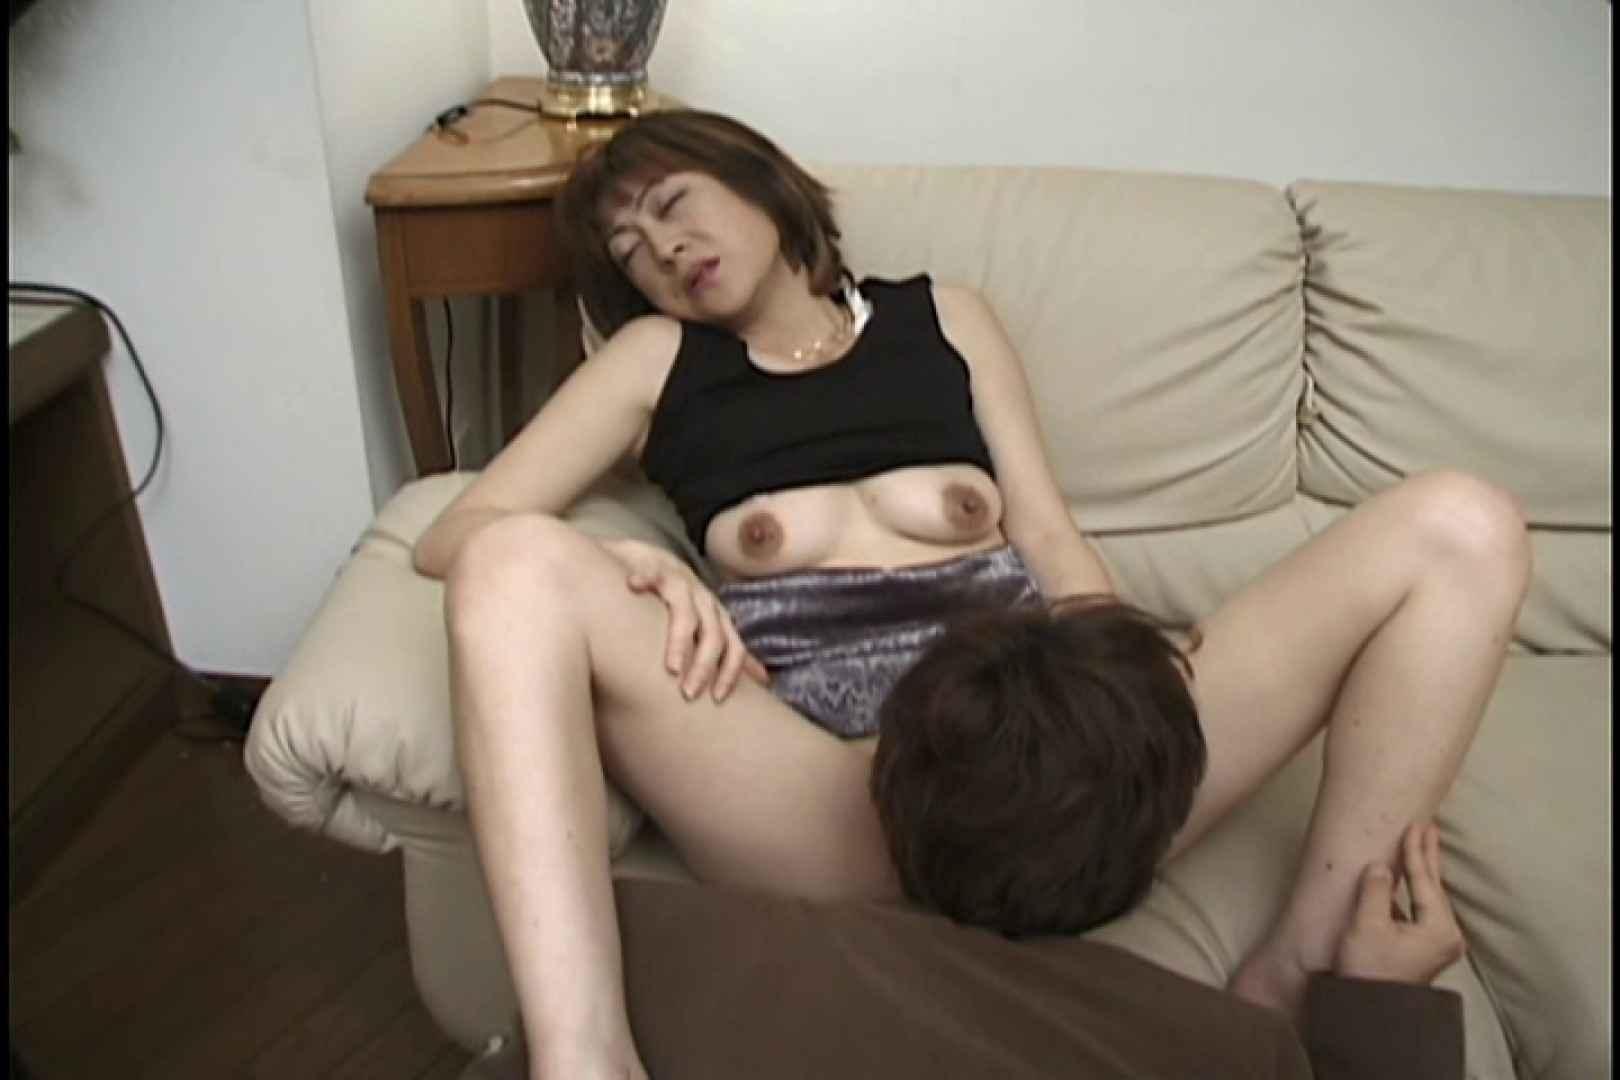 昼間の奥様は欲求不満 ~石川麻紀~ 熟女のエッチ  102pic 100